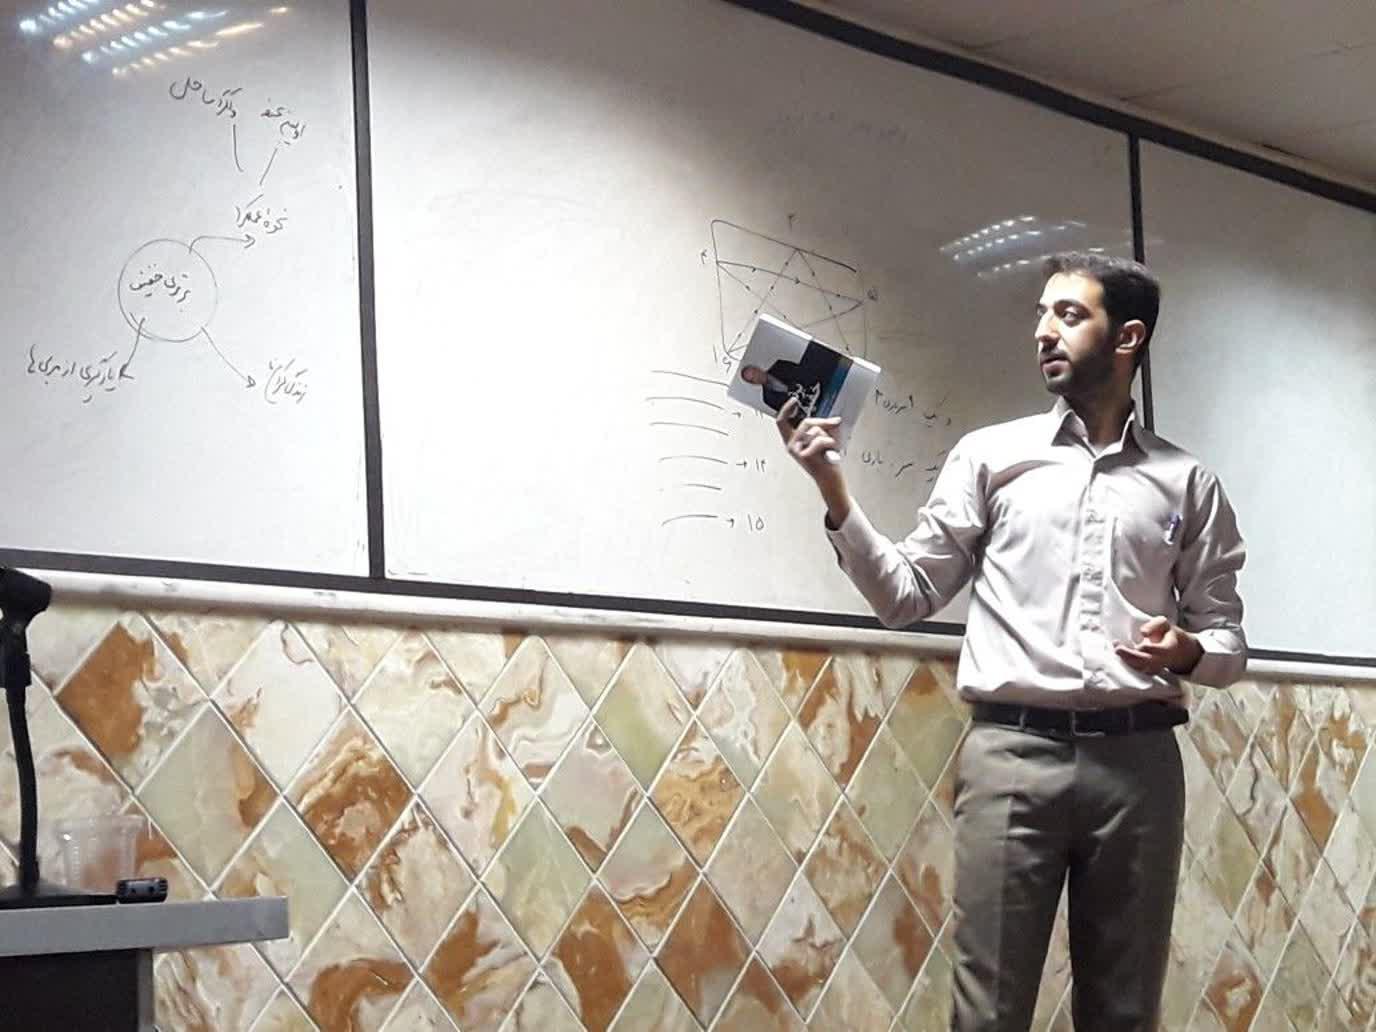 تندخوانی در اردوی اتحادیه انجمنهای اسلامی دانشگاهها